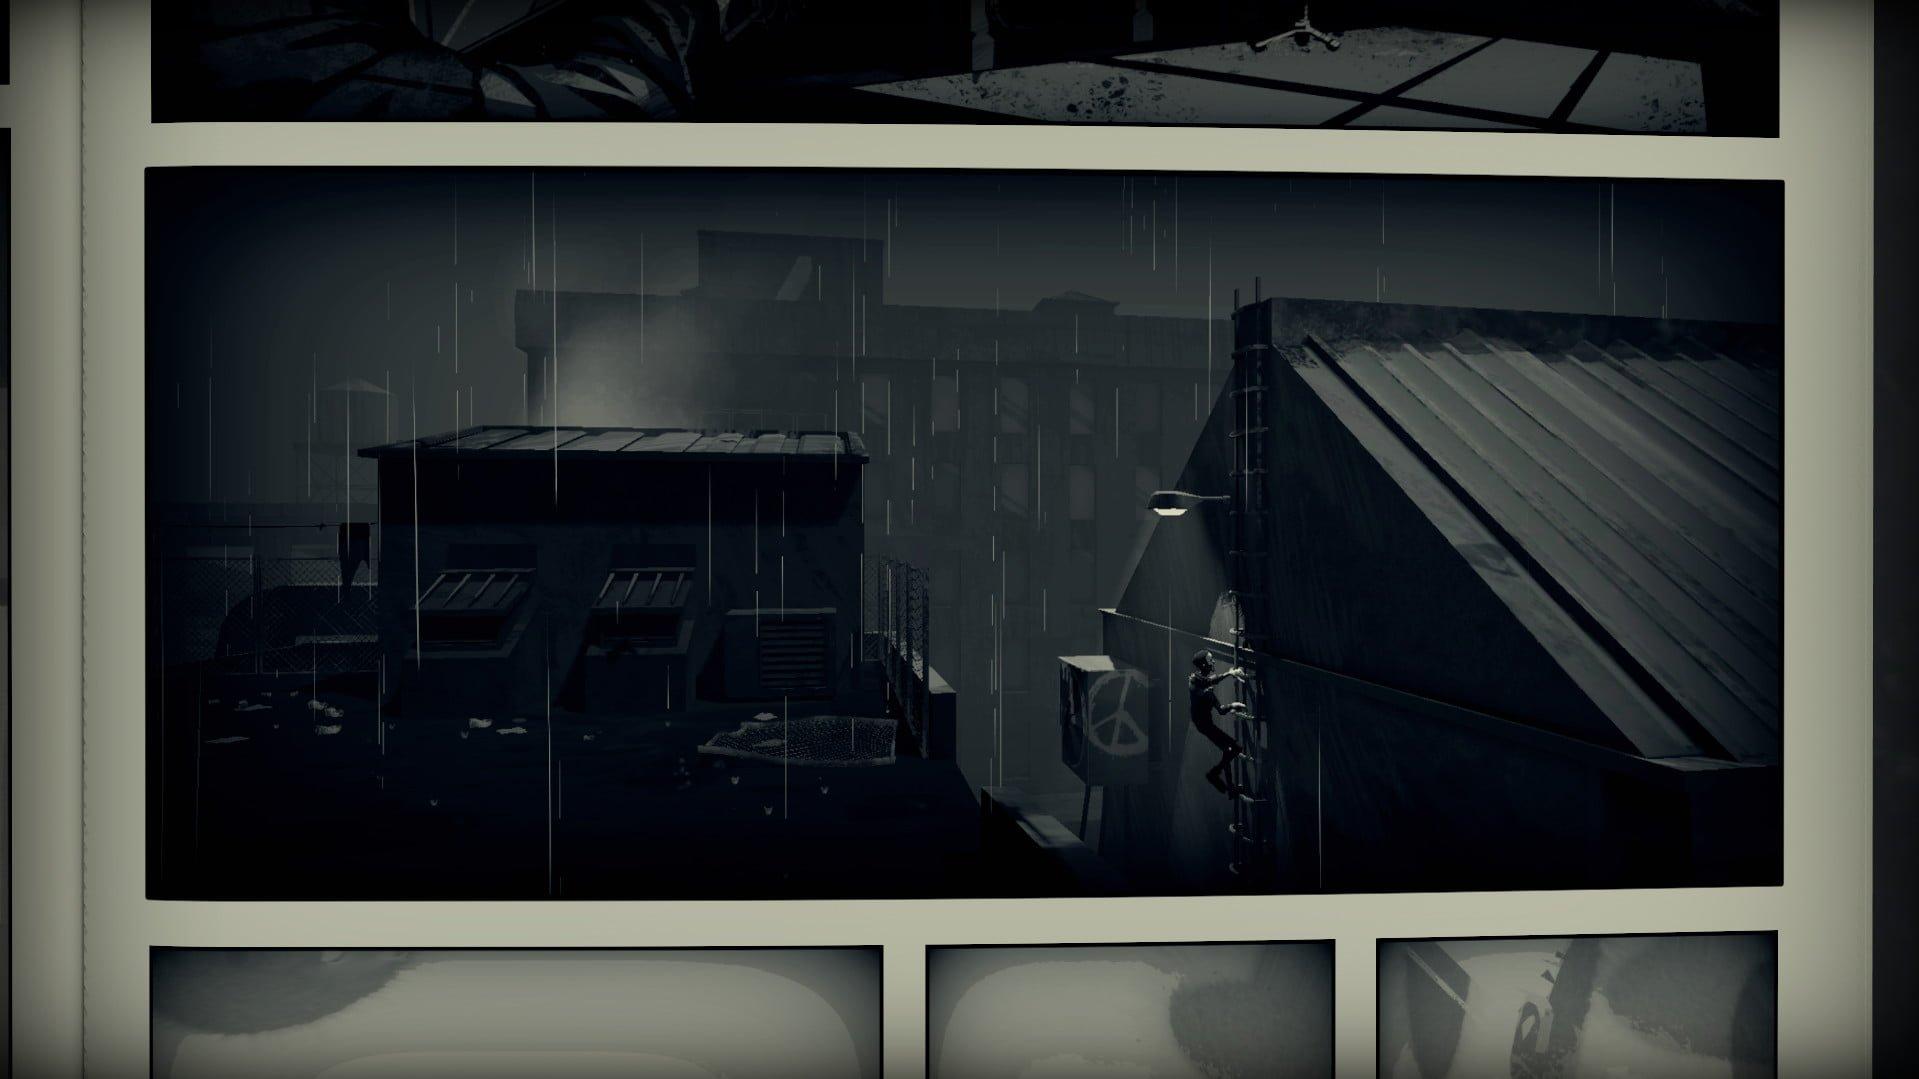 Atomic Wolf Annuncia Liberated E Il Suo Futuro Distopico 5 - Hynerd.it